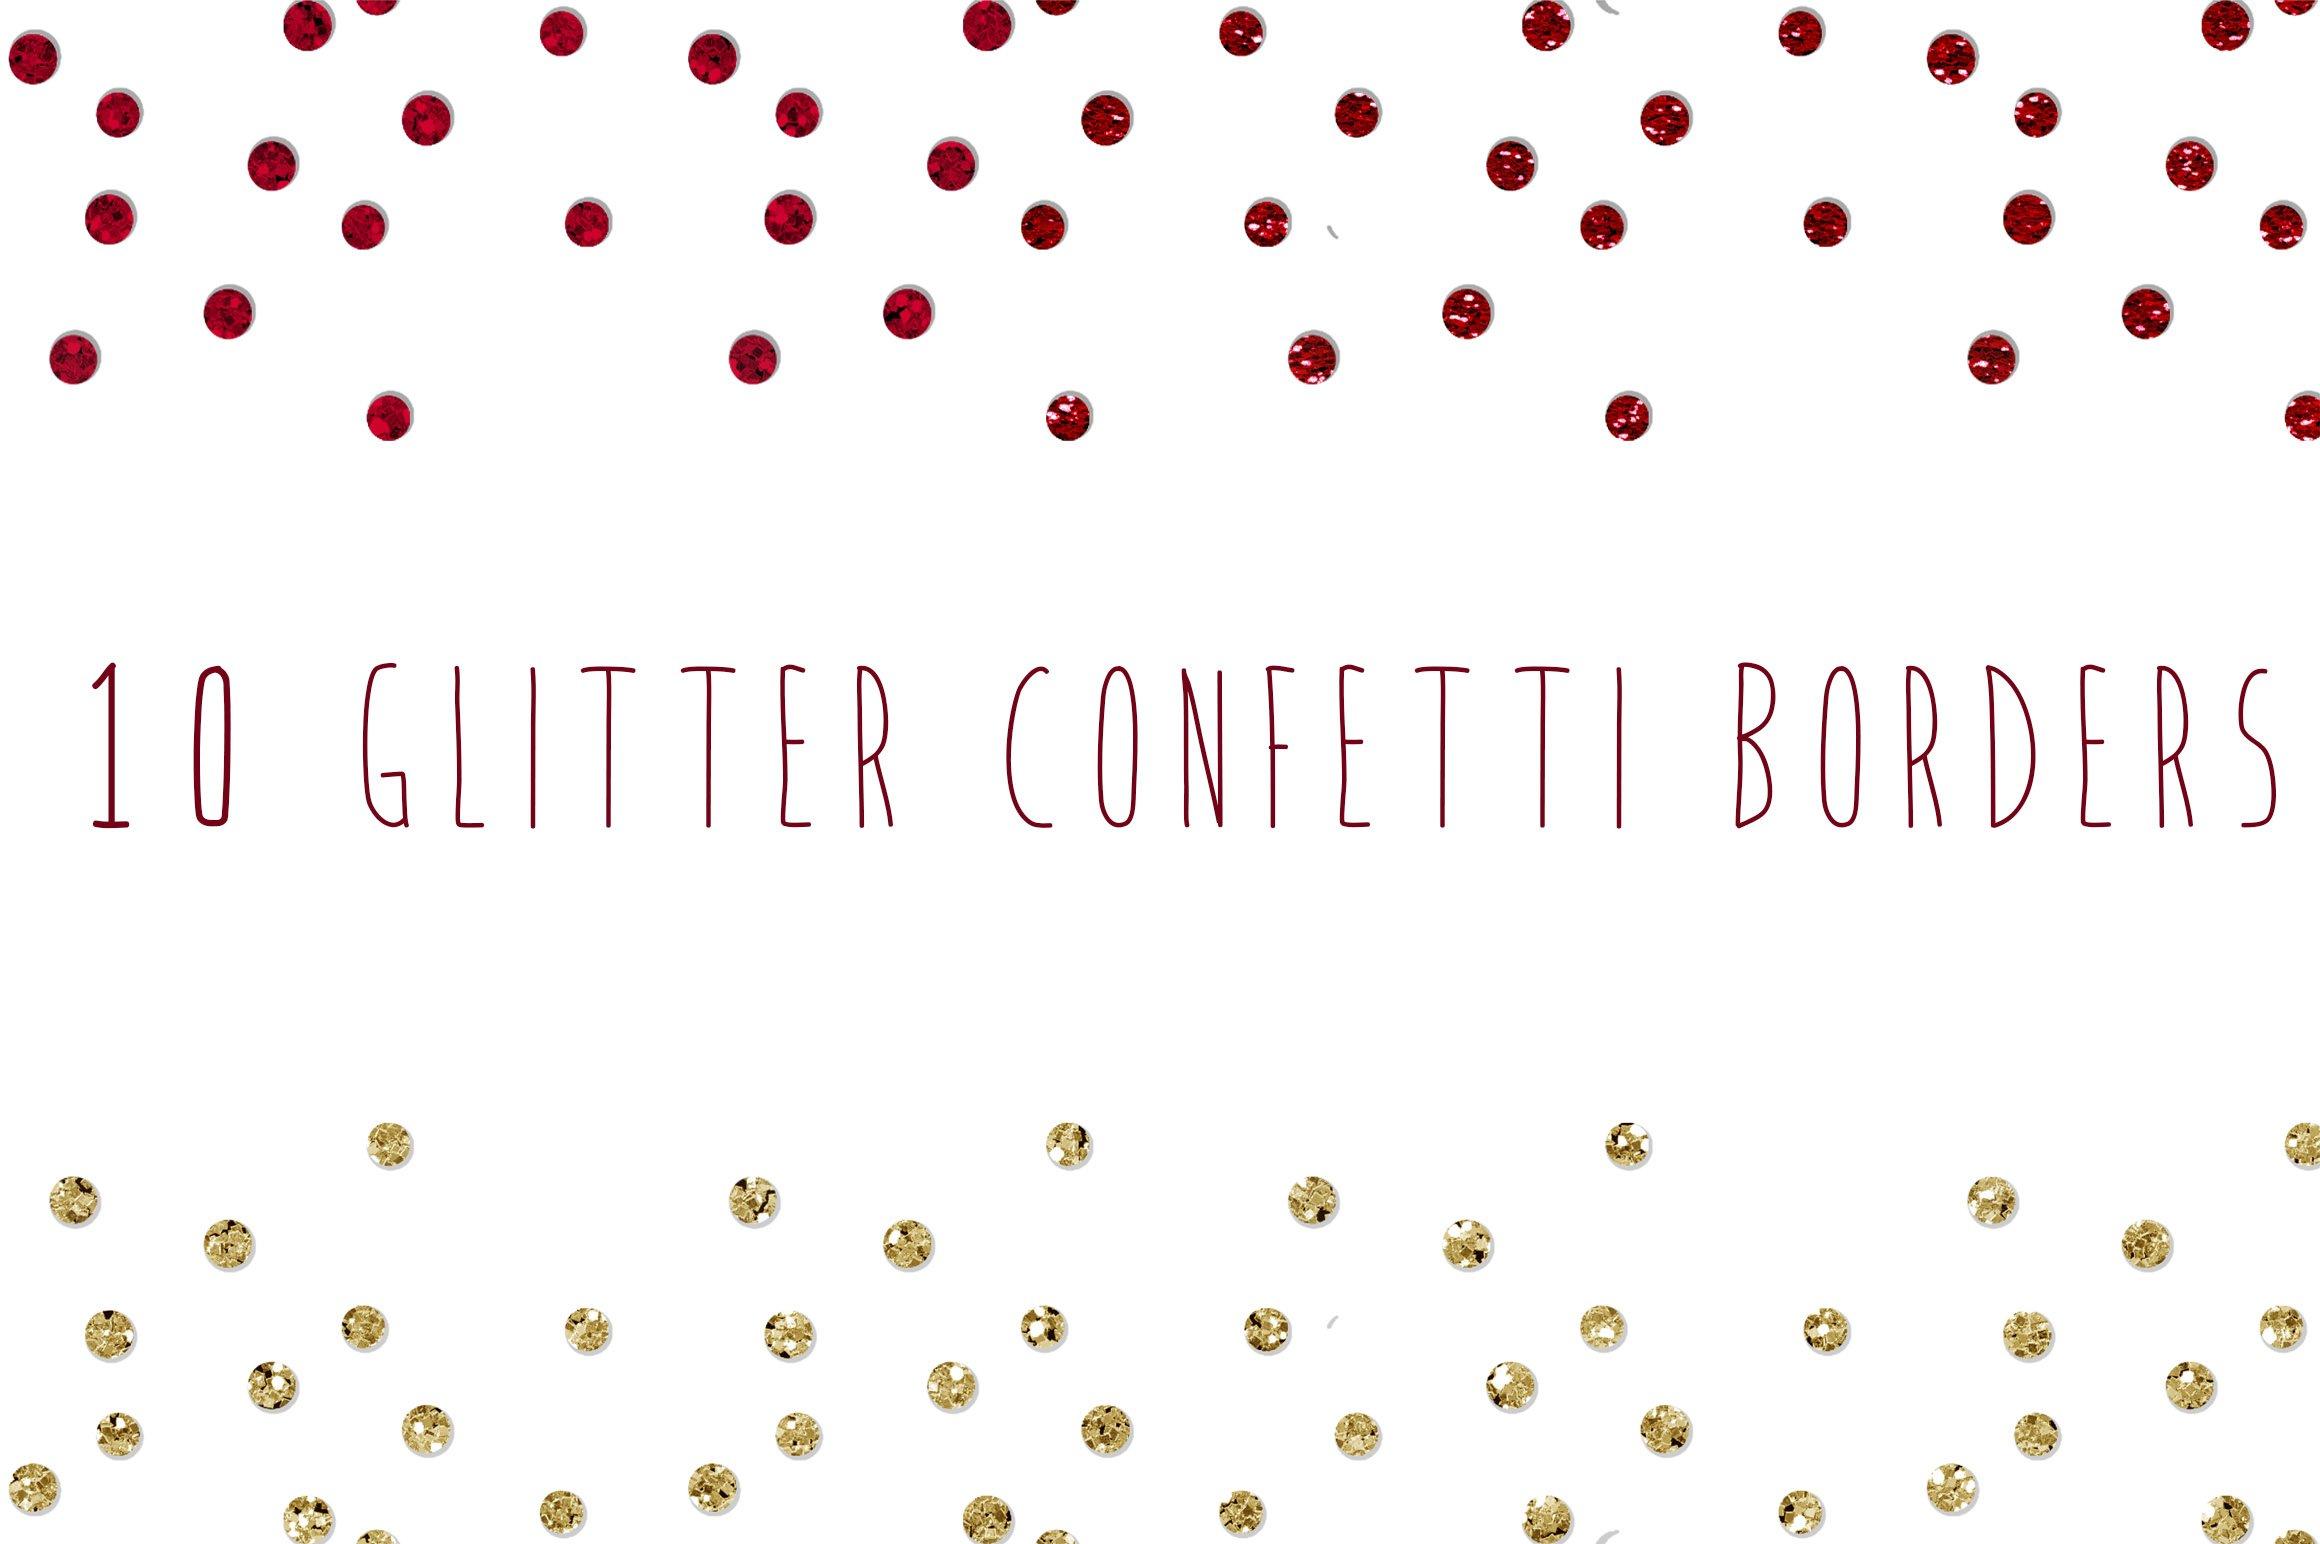 Glitter Confetti Borders Illustrations Creative Market